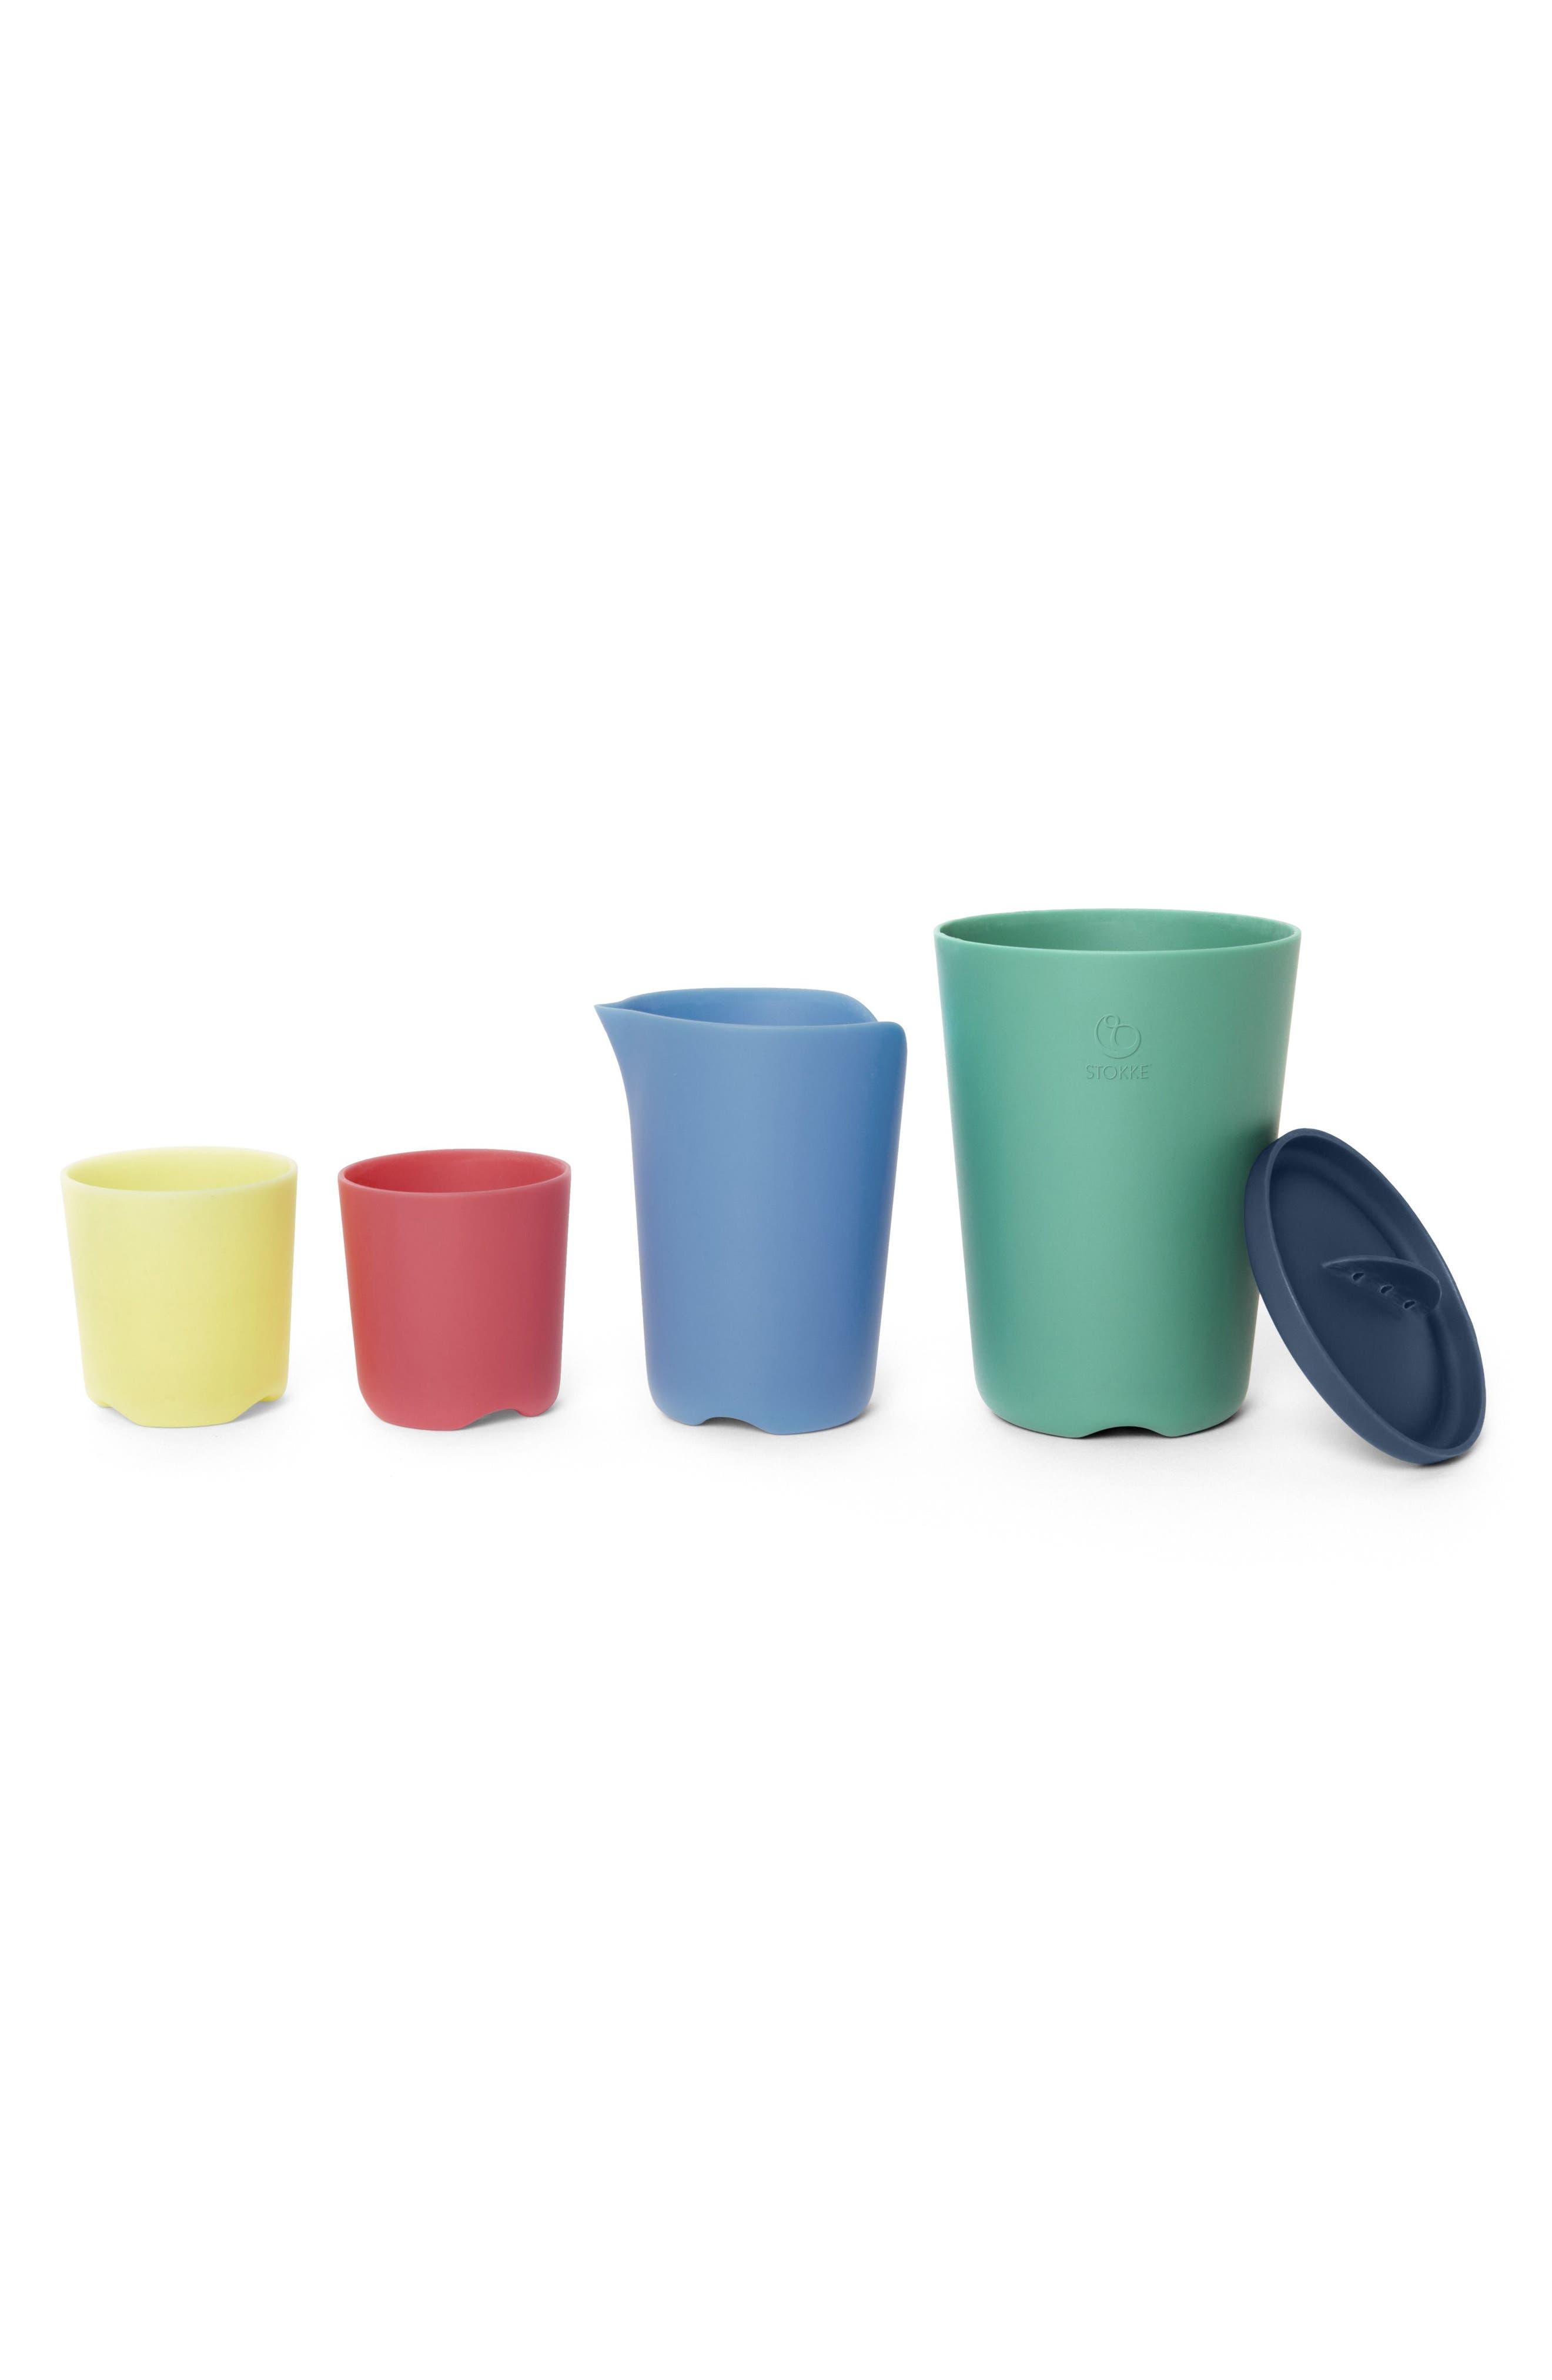 Flexi Bath<sup>®</sup> 5-Piece Toy Cups Set,                             Main thumbnail 1, color,                             MULTI